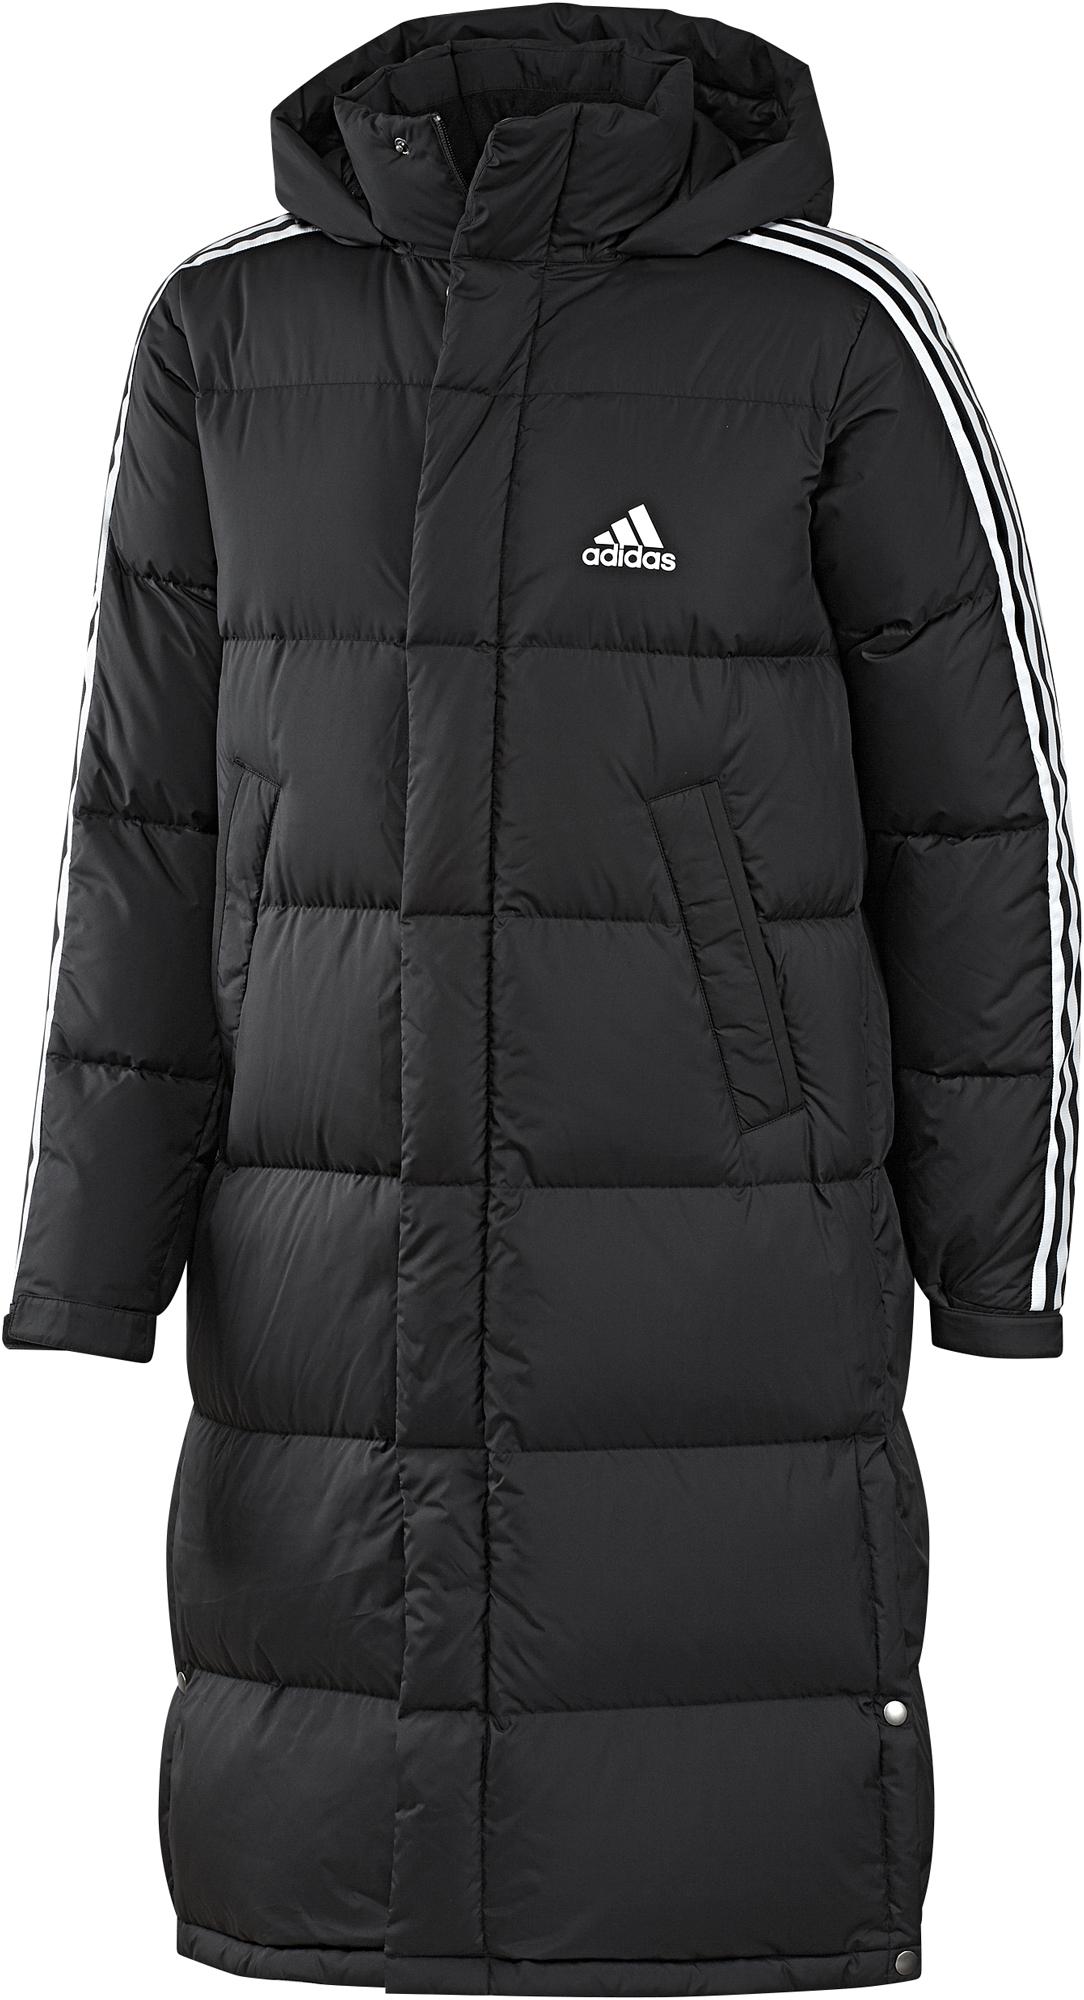 Adidas Куртка пуховая мужская 3-Stripes, размер 48